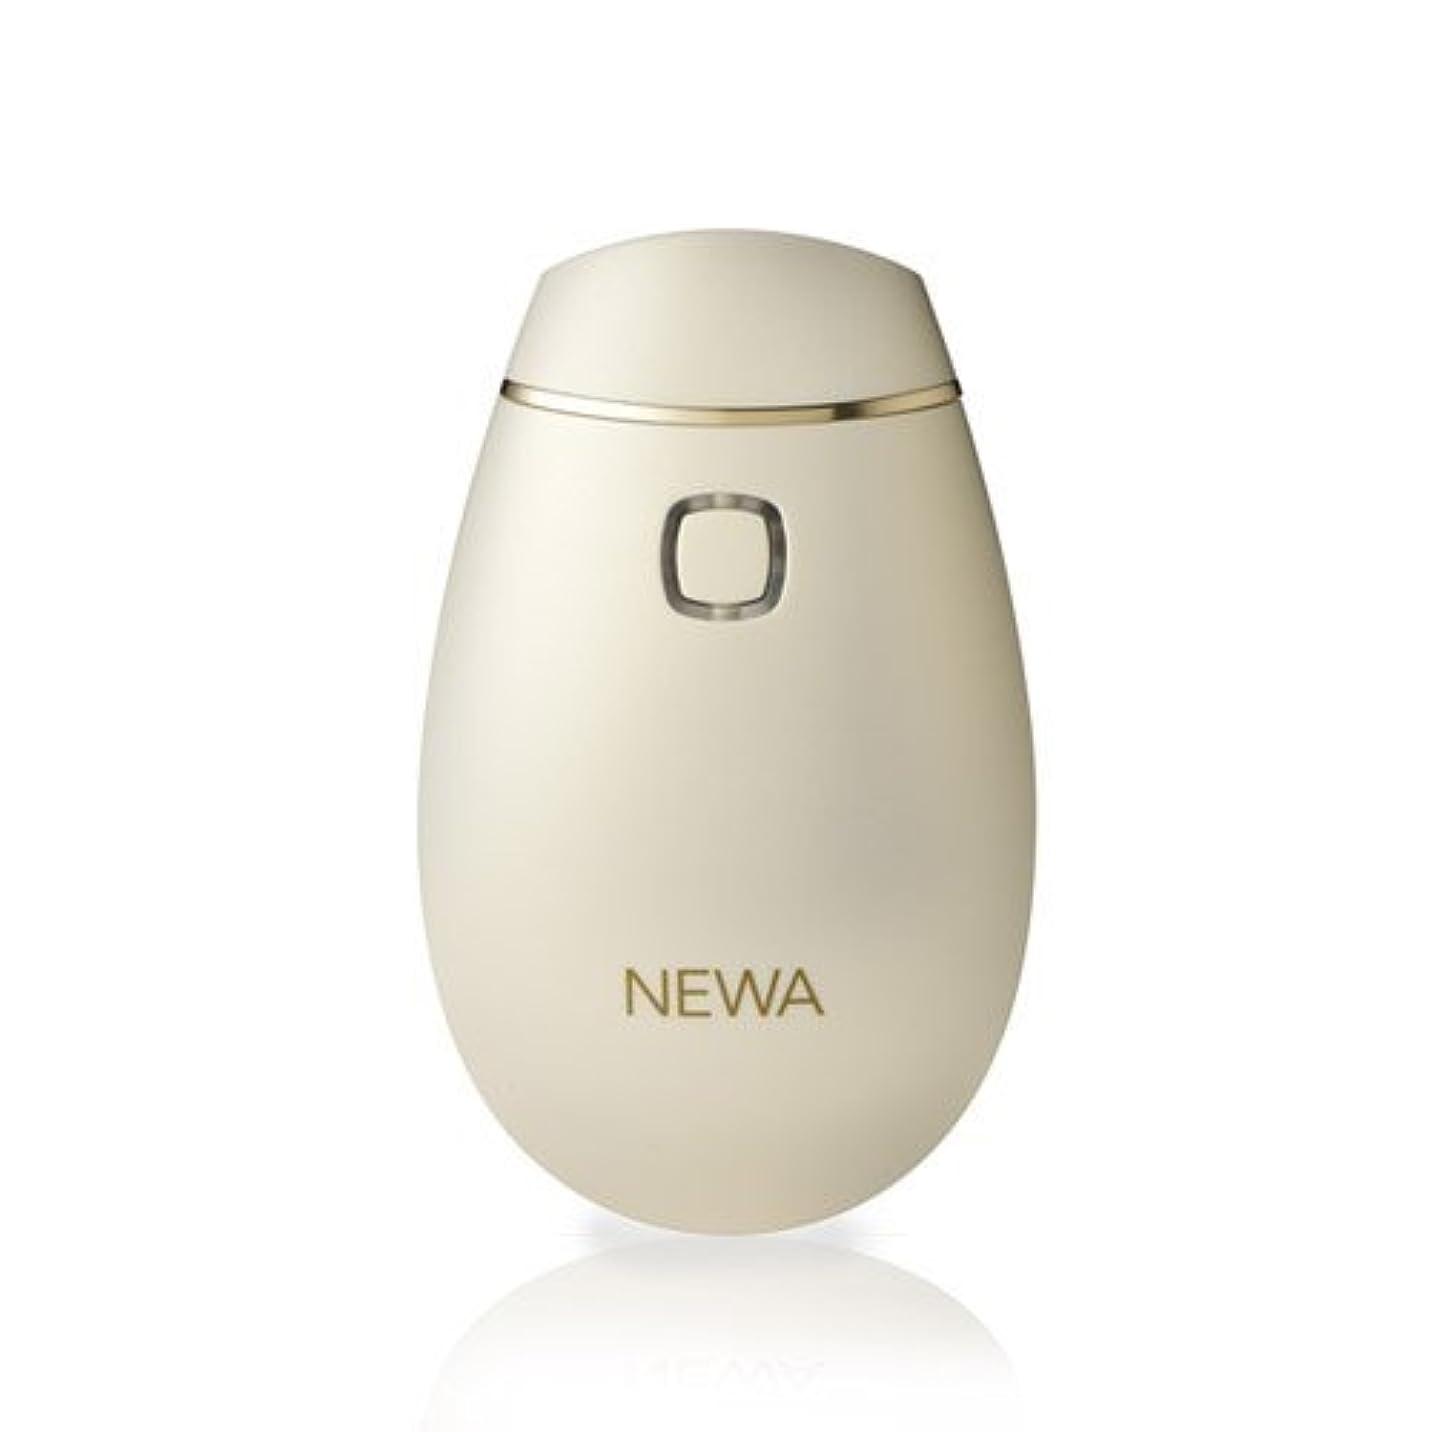 第二にフォーカスより多い【ひきしめ専用】美顔器 NEWAリフト (シャンパンゴールド) ニューアリフト 引きしめ たるみ ほうれい線 美顔器 フェイスライン 美容 エイジングケア